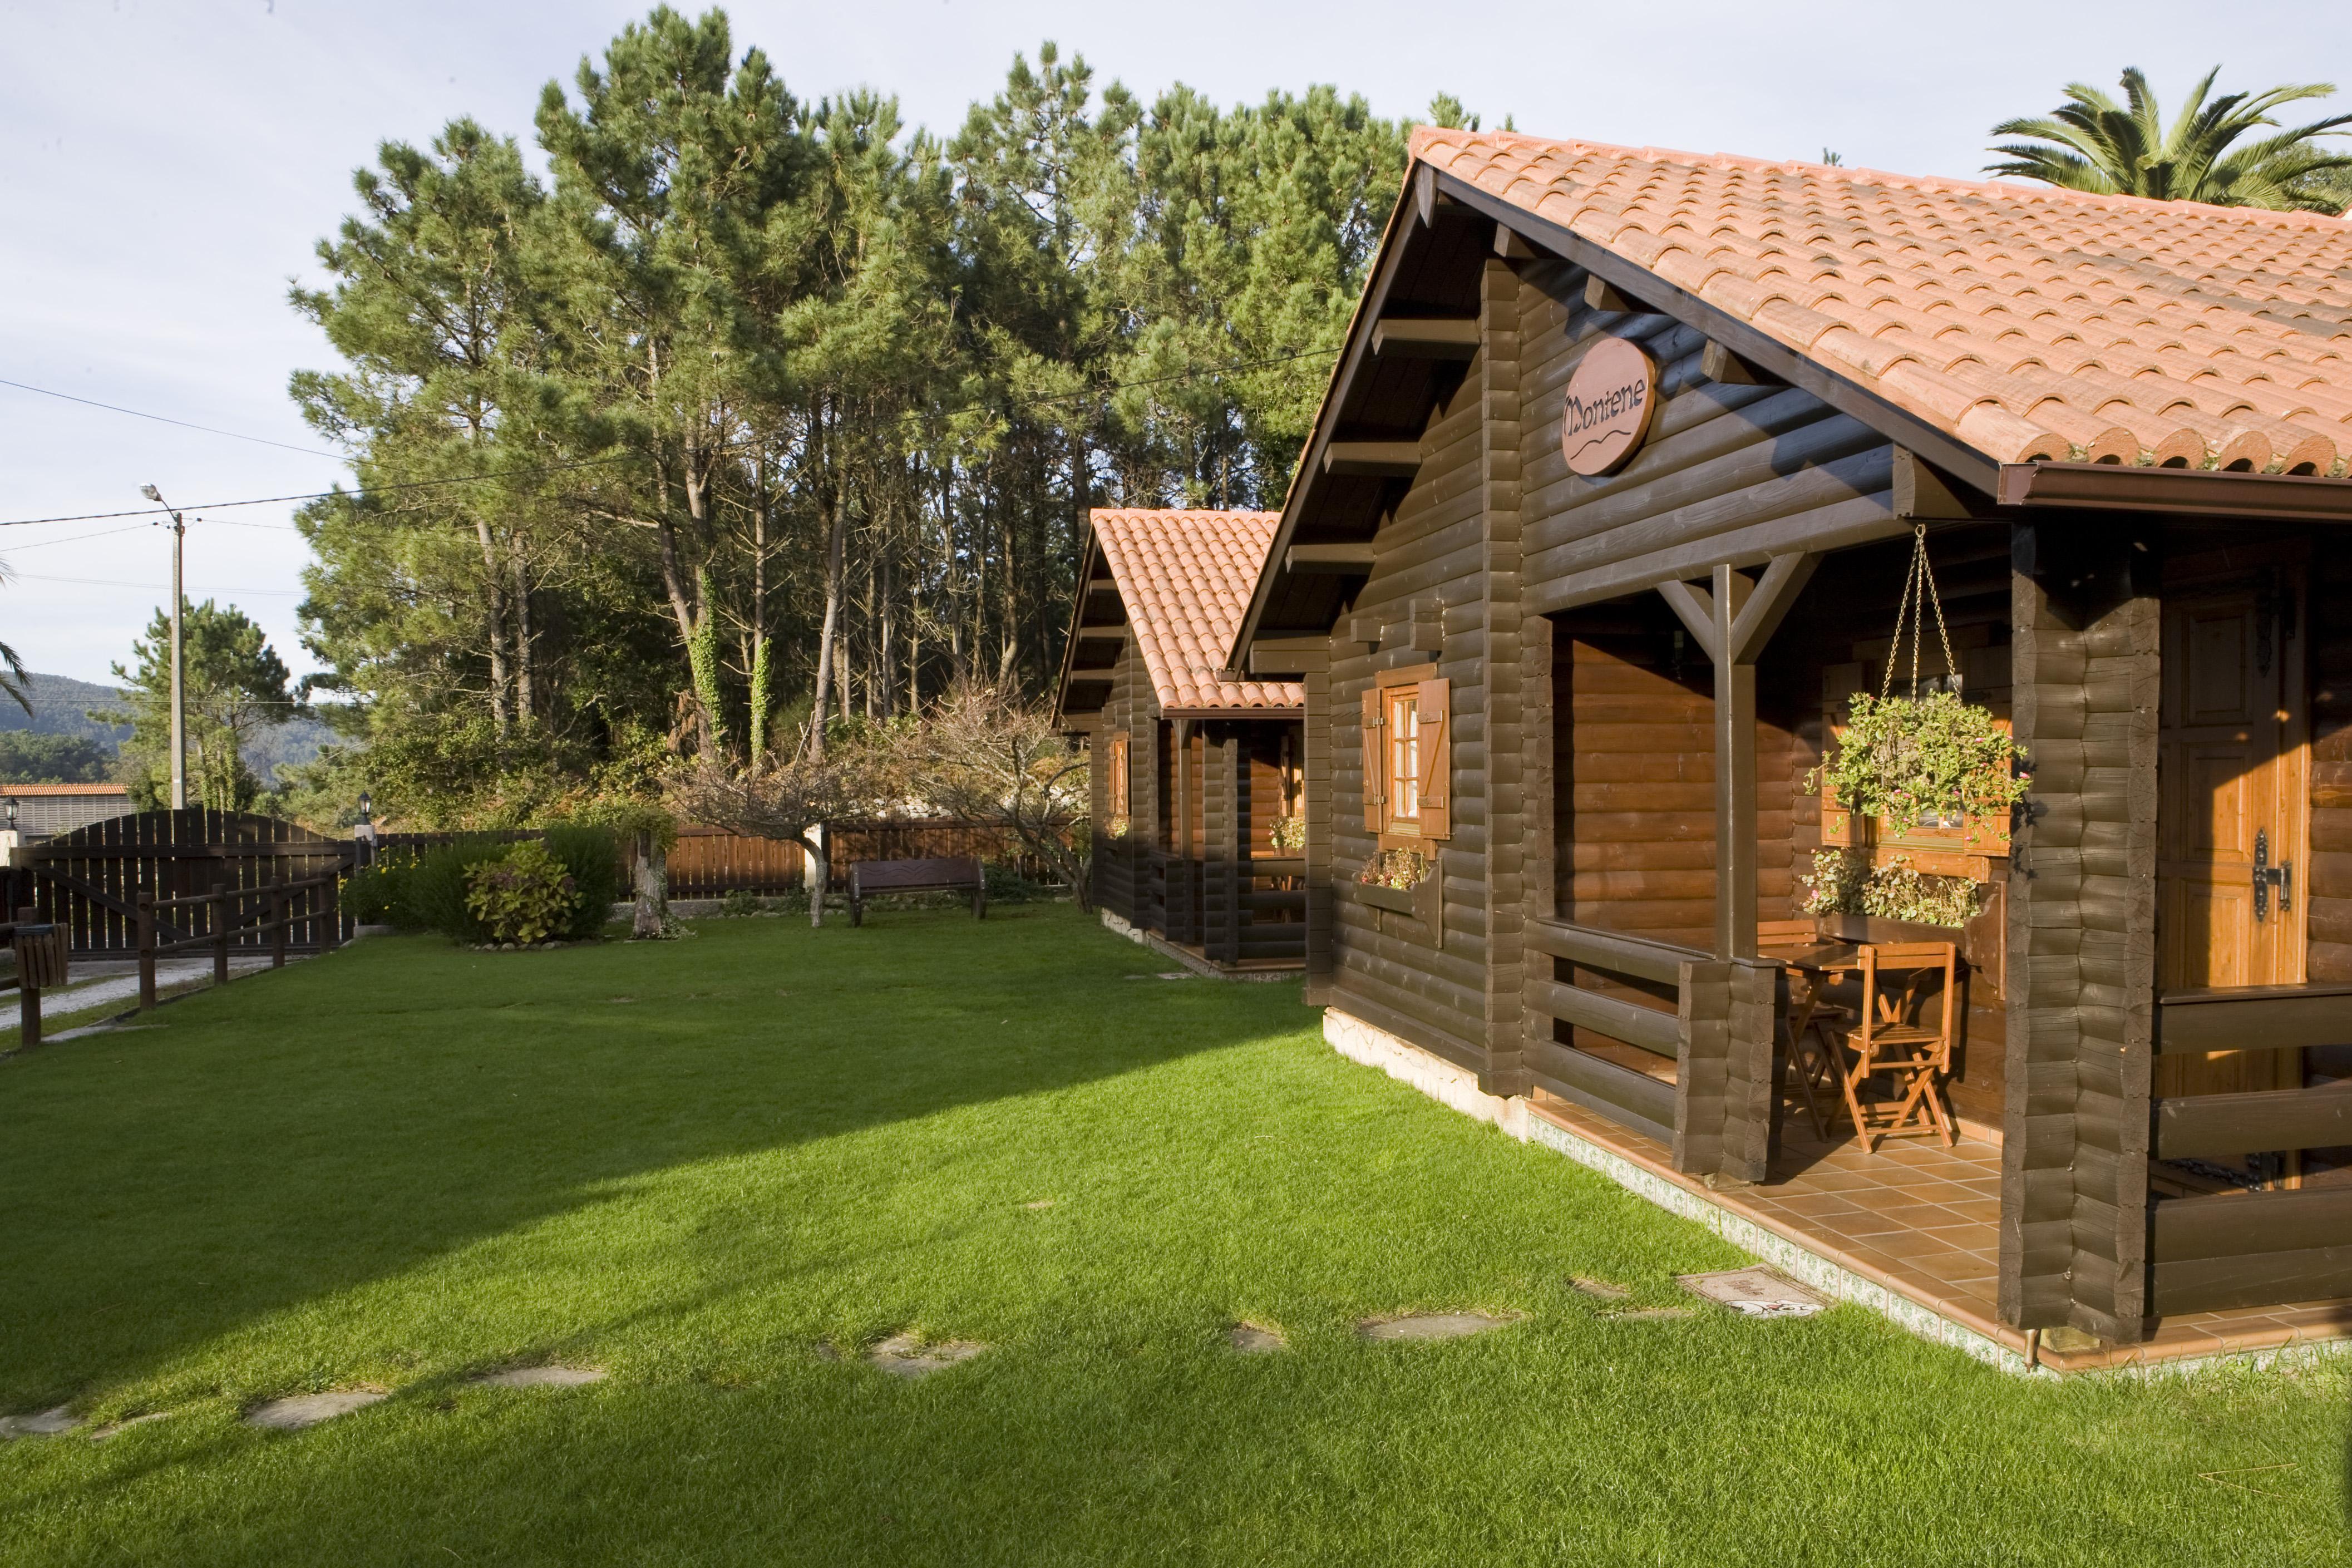 El turismo rural gallego creci un 9 1 en 2010 - Casas rurales madera ...